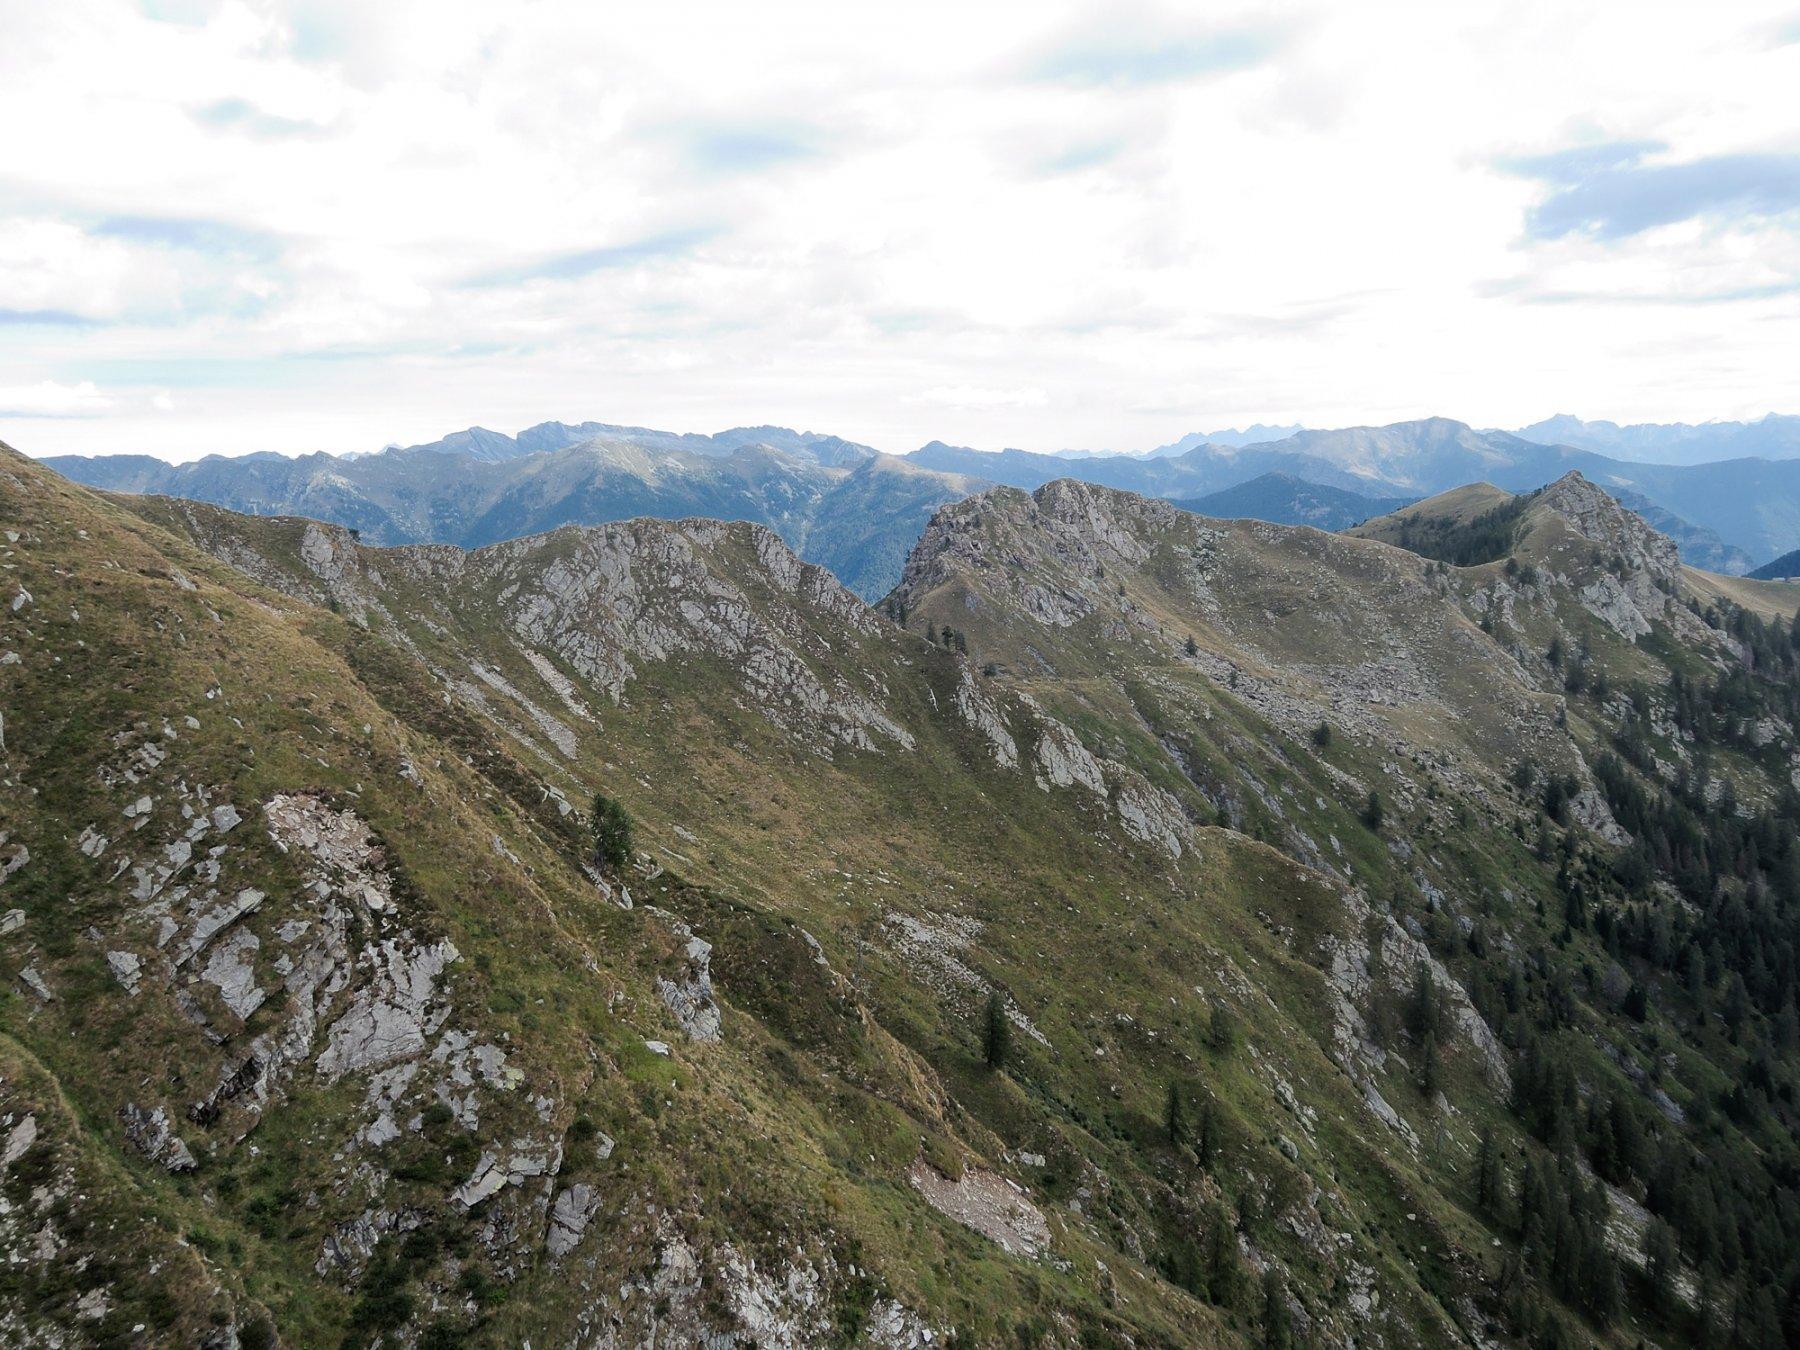 Cresta Nord-Est e Cima di Caneto viste dalla cima dello Ziccher